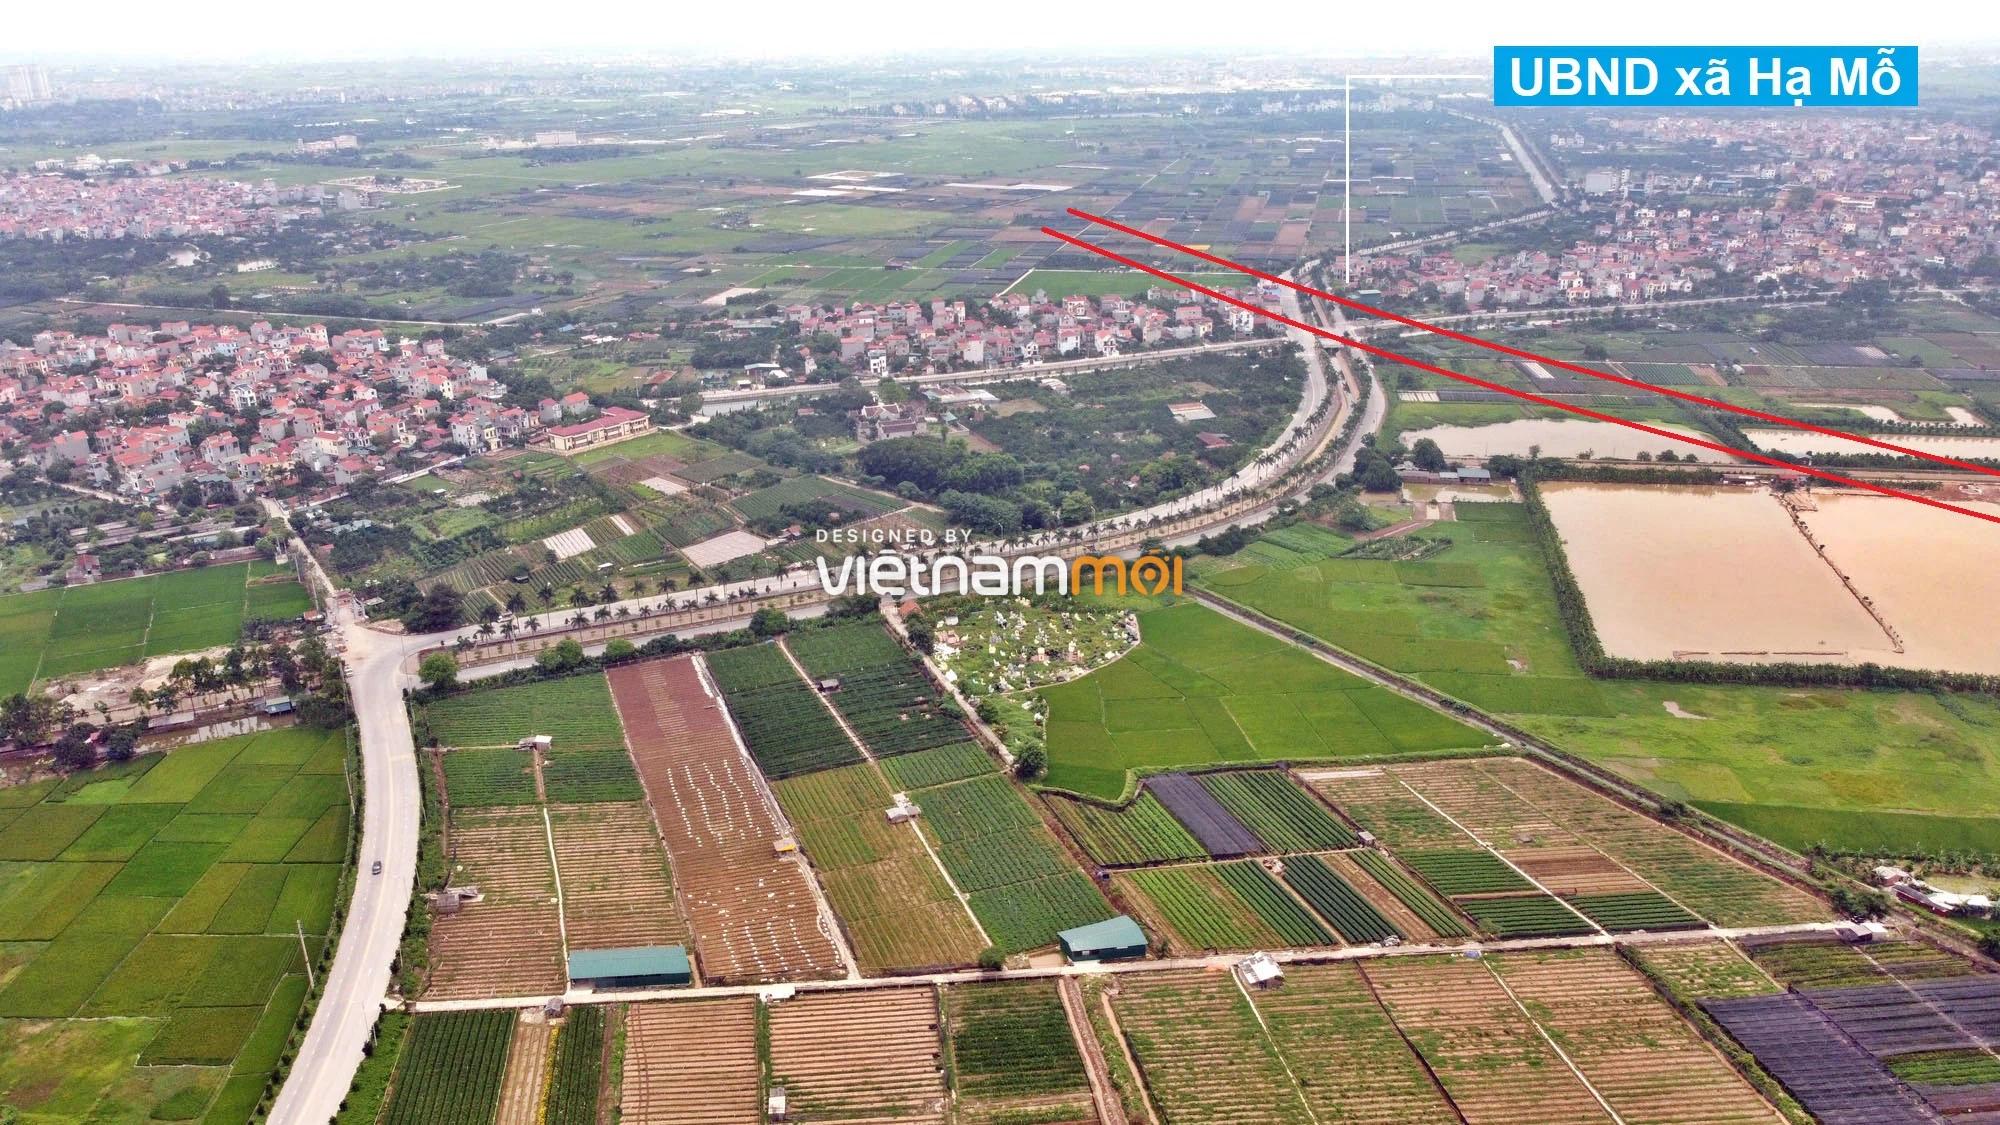 Toàn cảnh đường Vành đai 4 theo quy hoạch qua huyện Đan Phượng, Hà Nội - Ảnh 3.